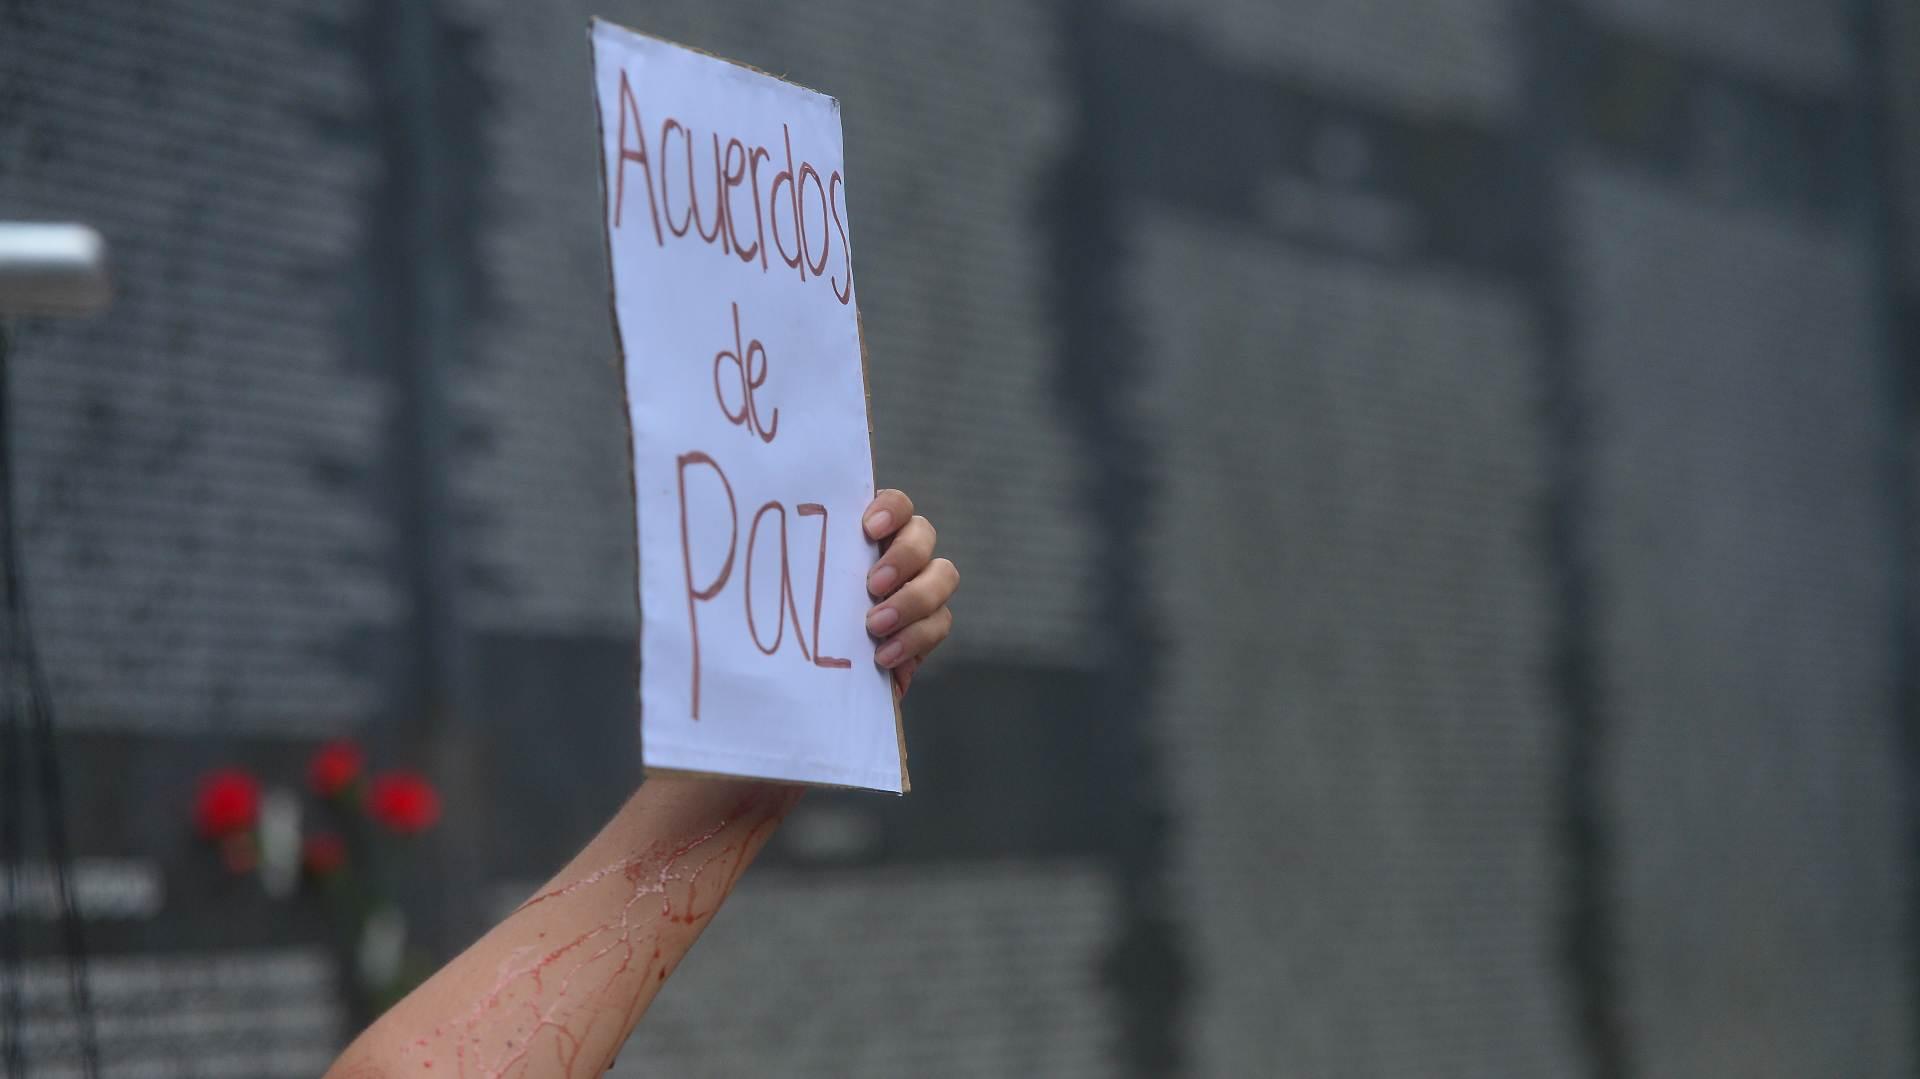 FR Conmemoración acuerdos de paz parque cuscatlan020